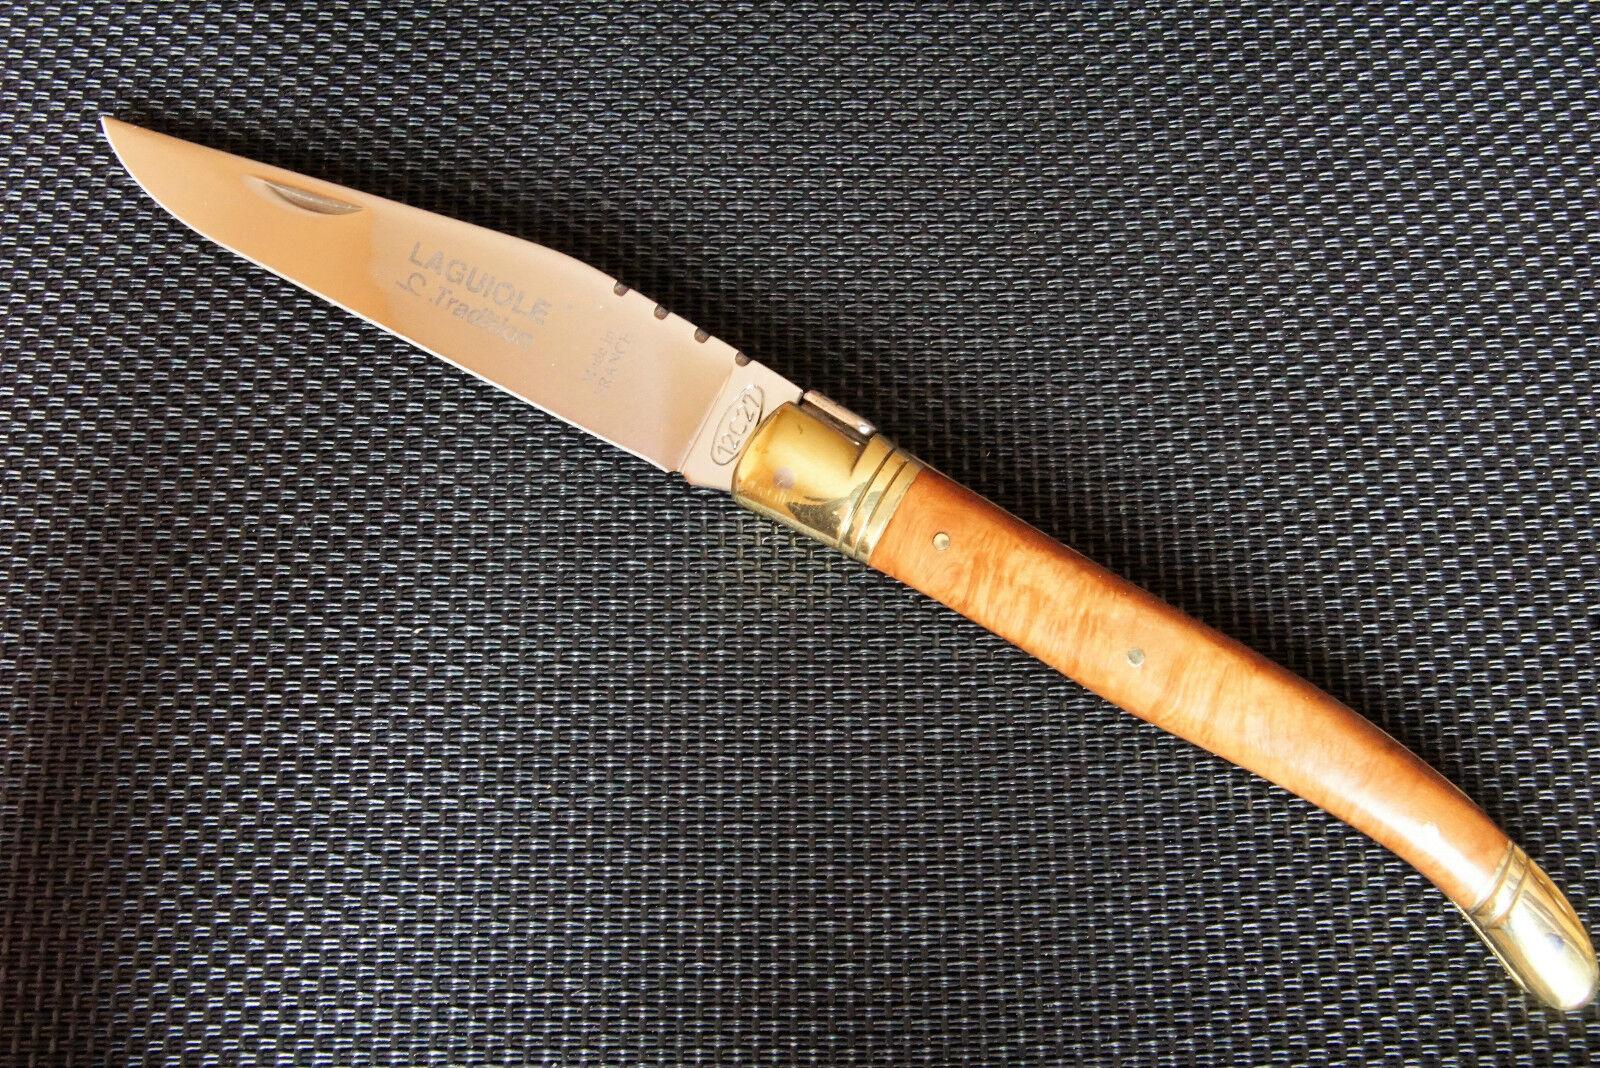 Laguiole-Coltello, acciaio 12c27, bruyere-legno gusci, ganasce in ottone